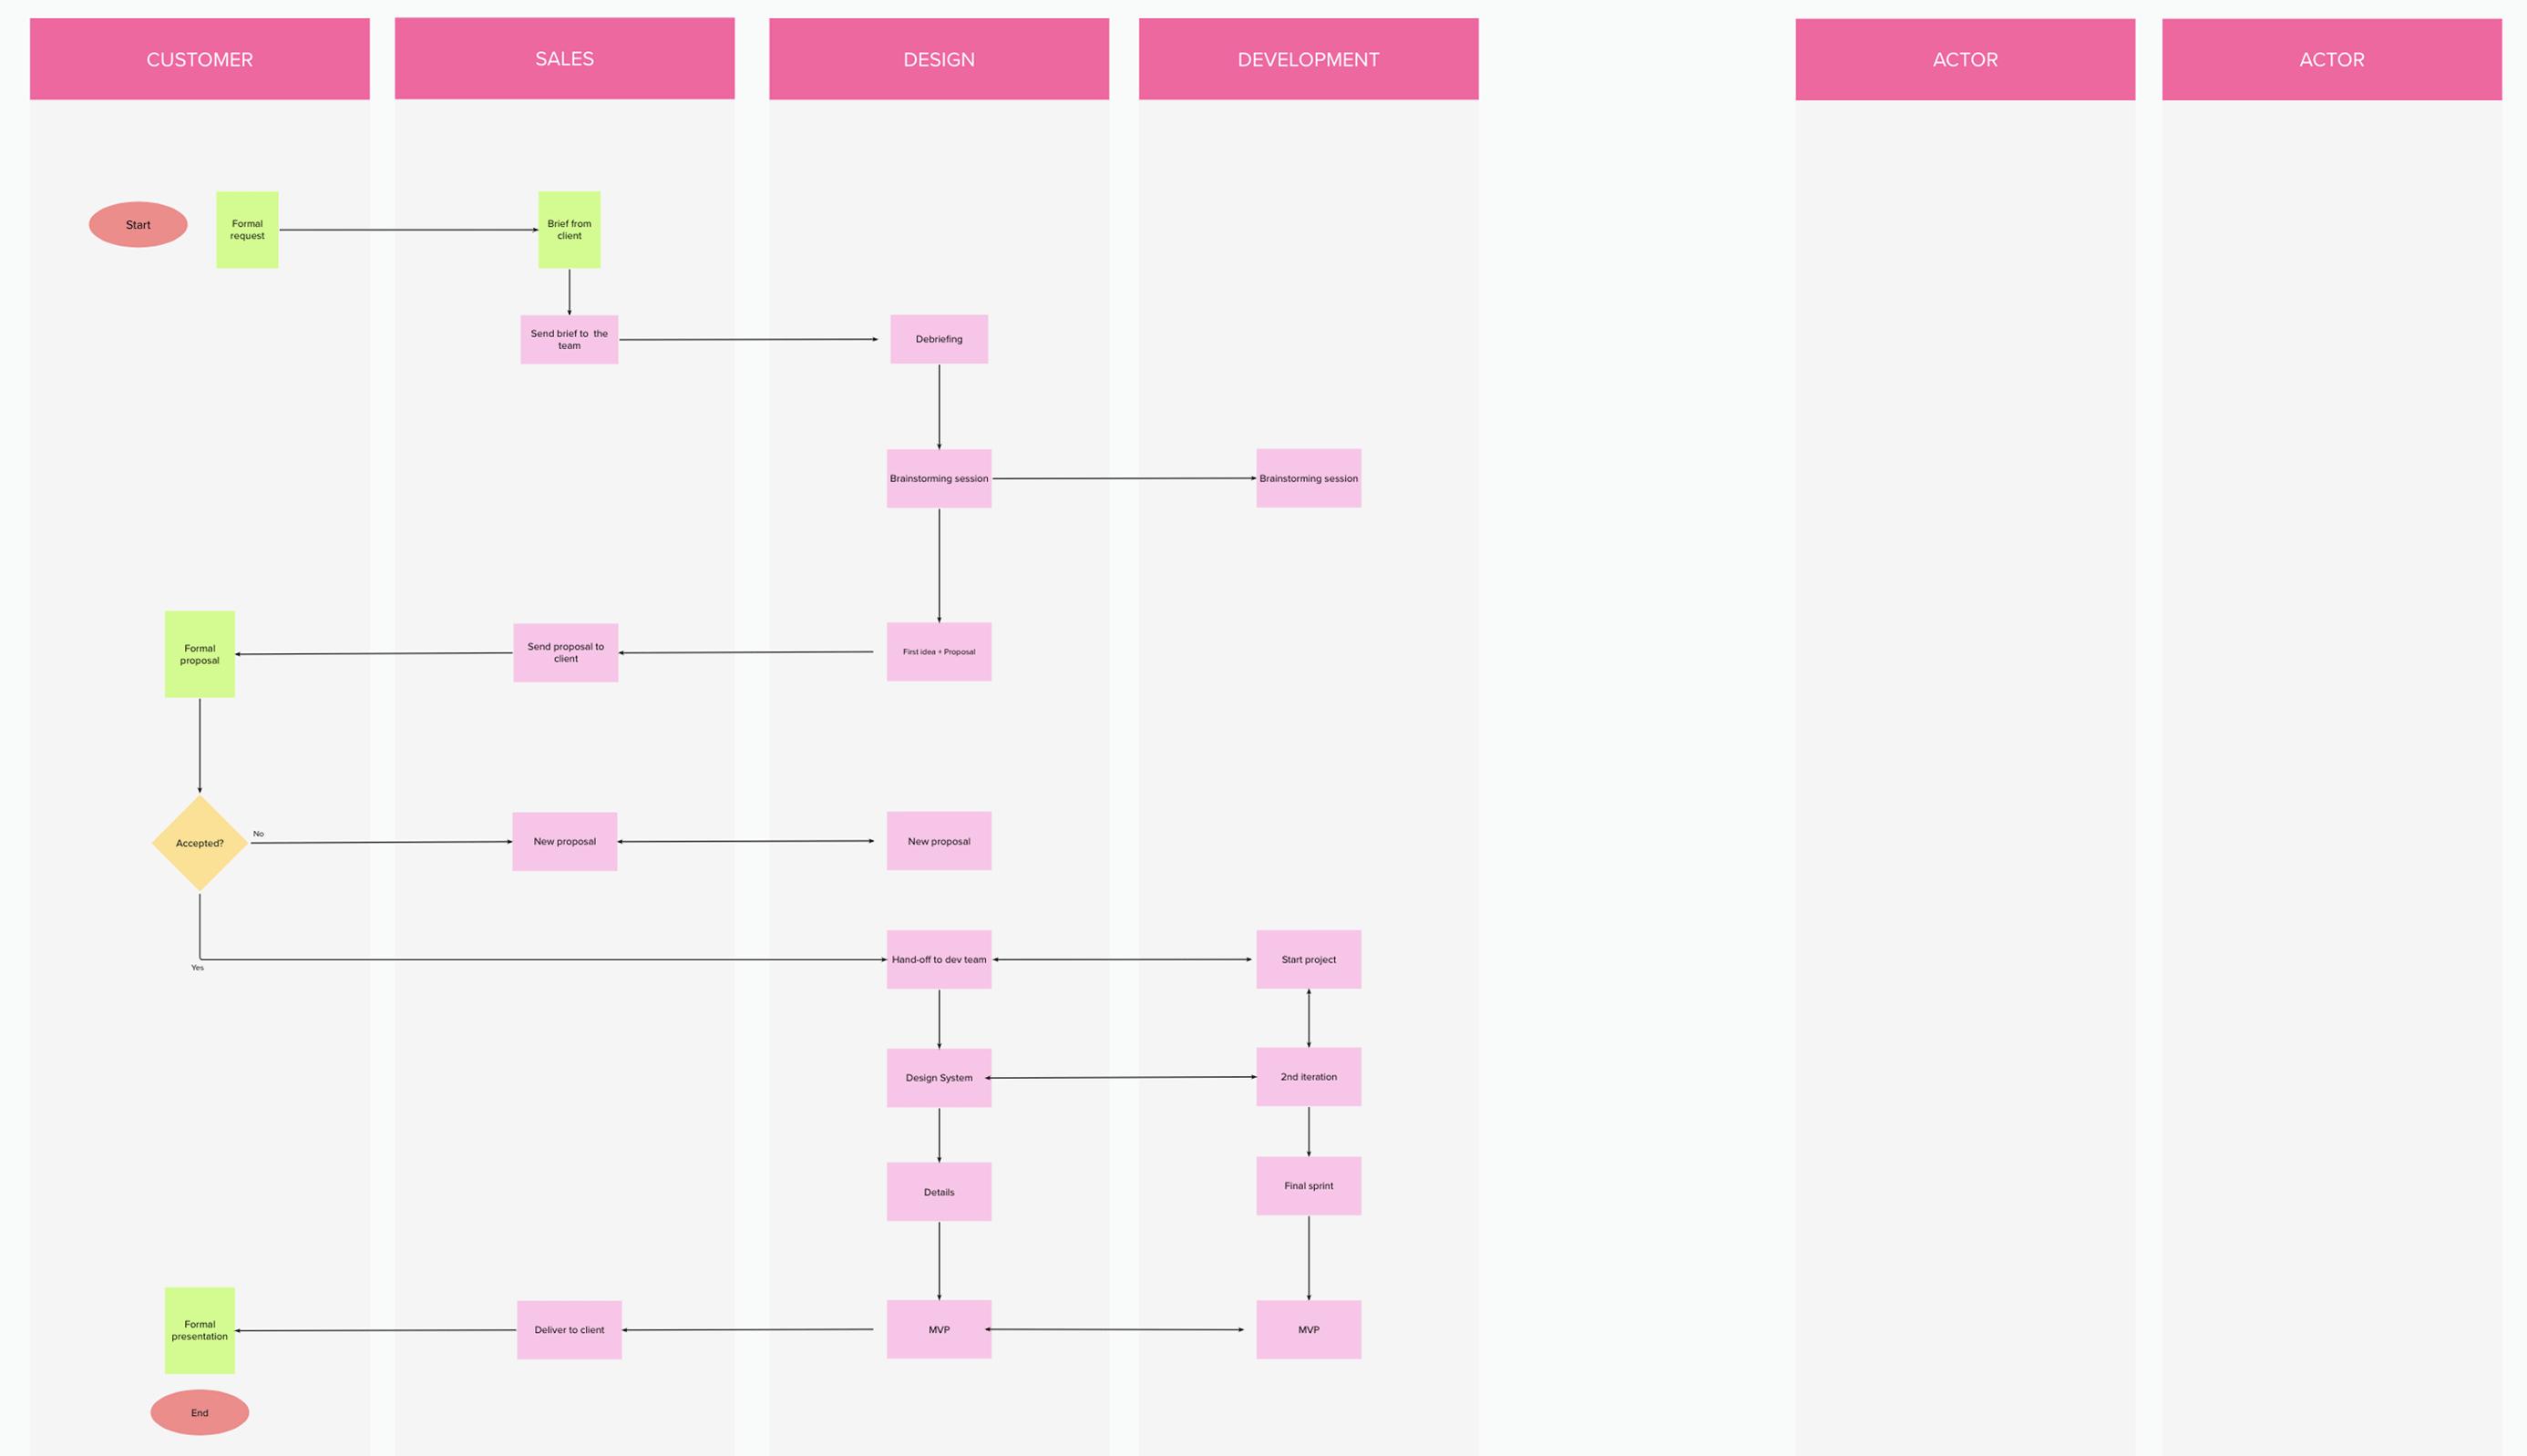 A process flowchart